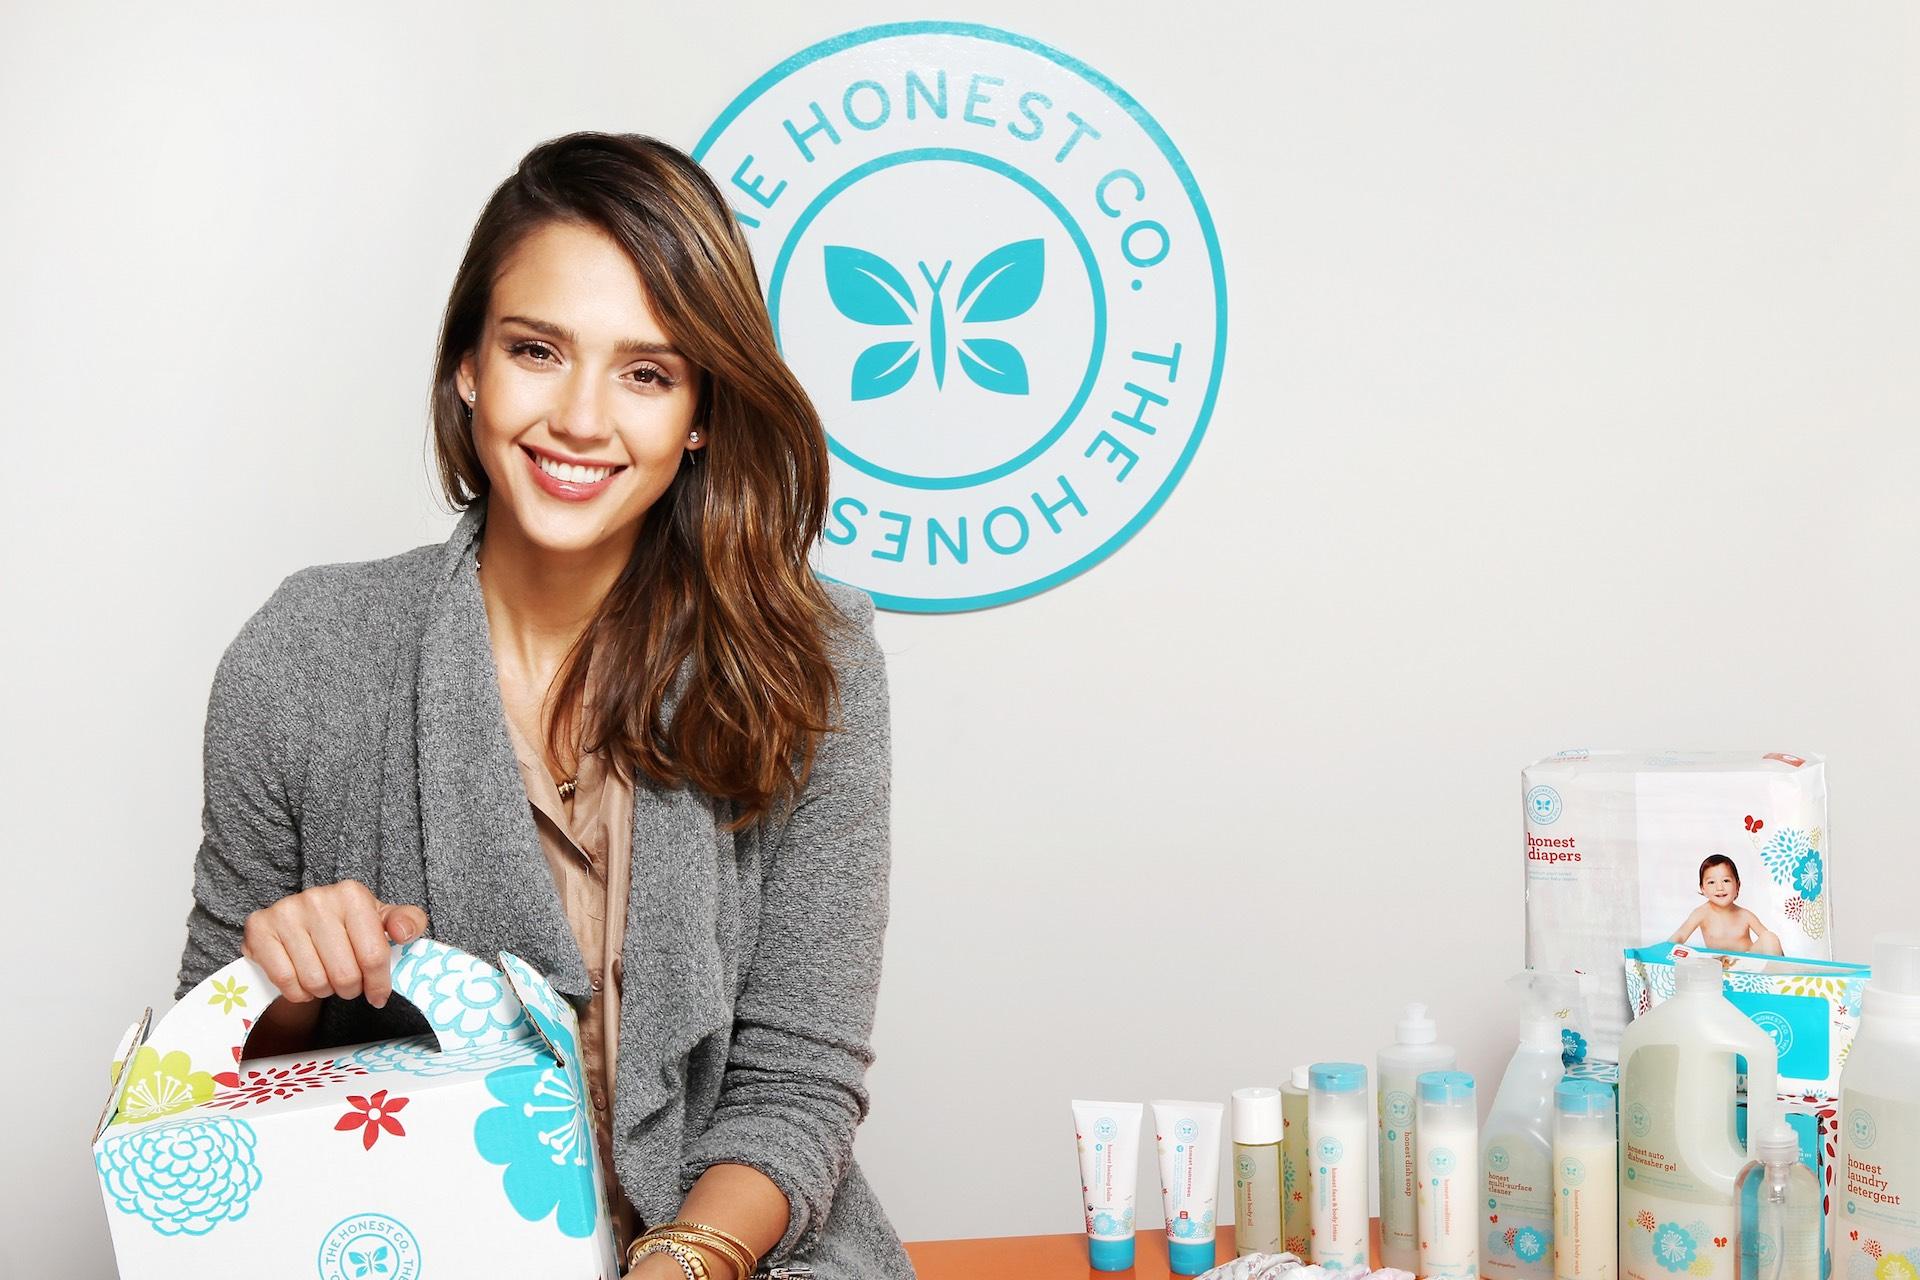 不只是比基尼甜心 –  剖析 The Honest Company 創辦人 Jessica Alba 的創業策略